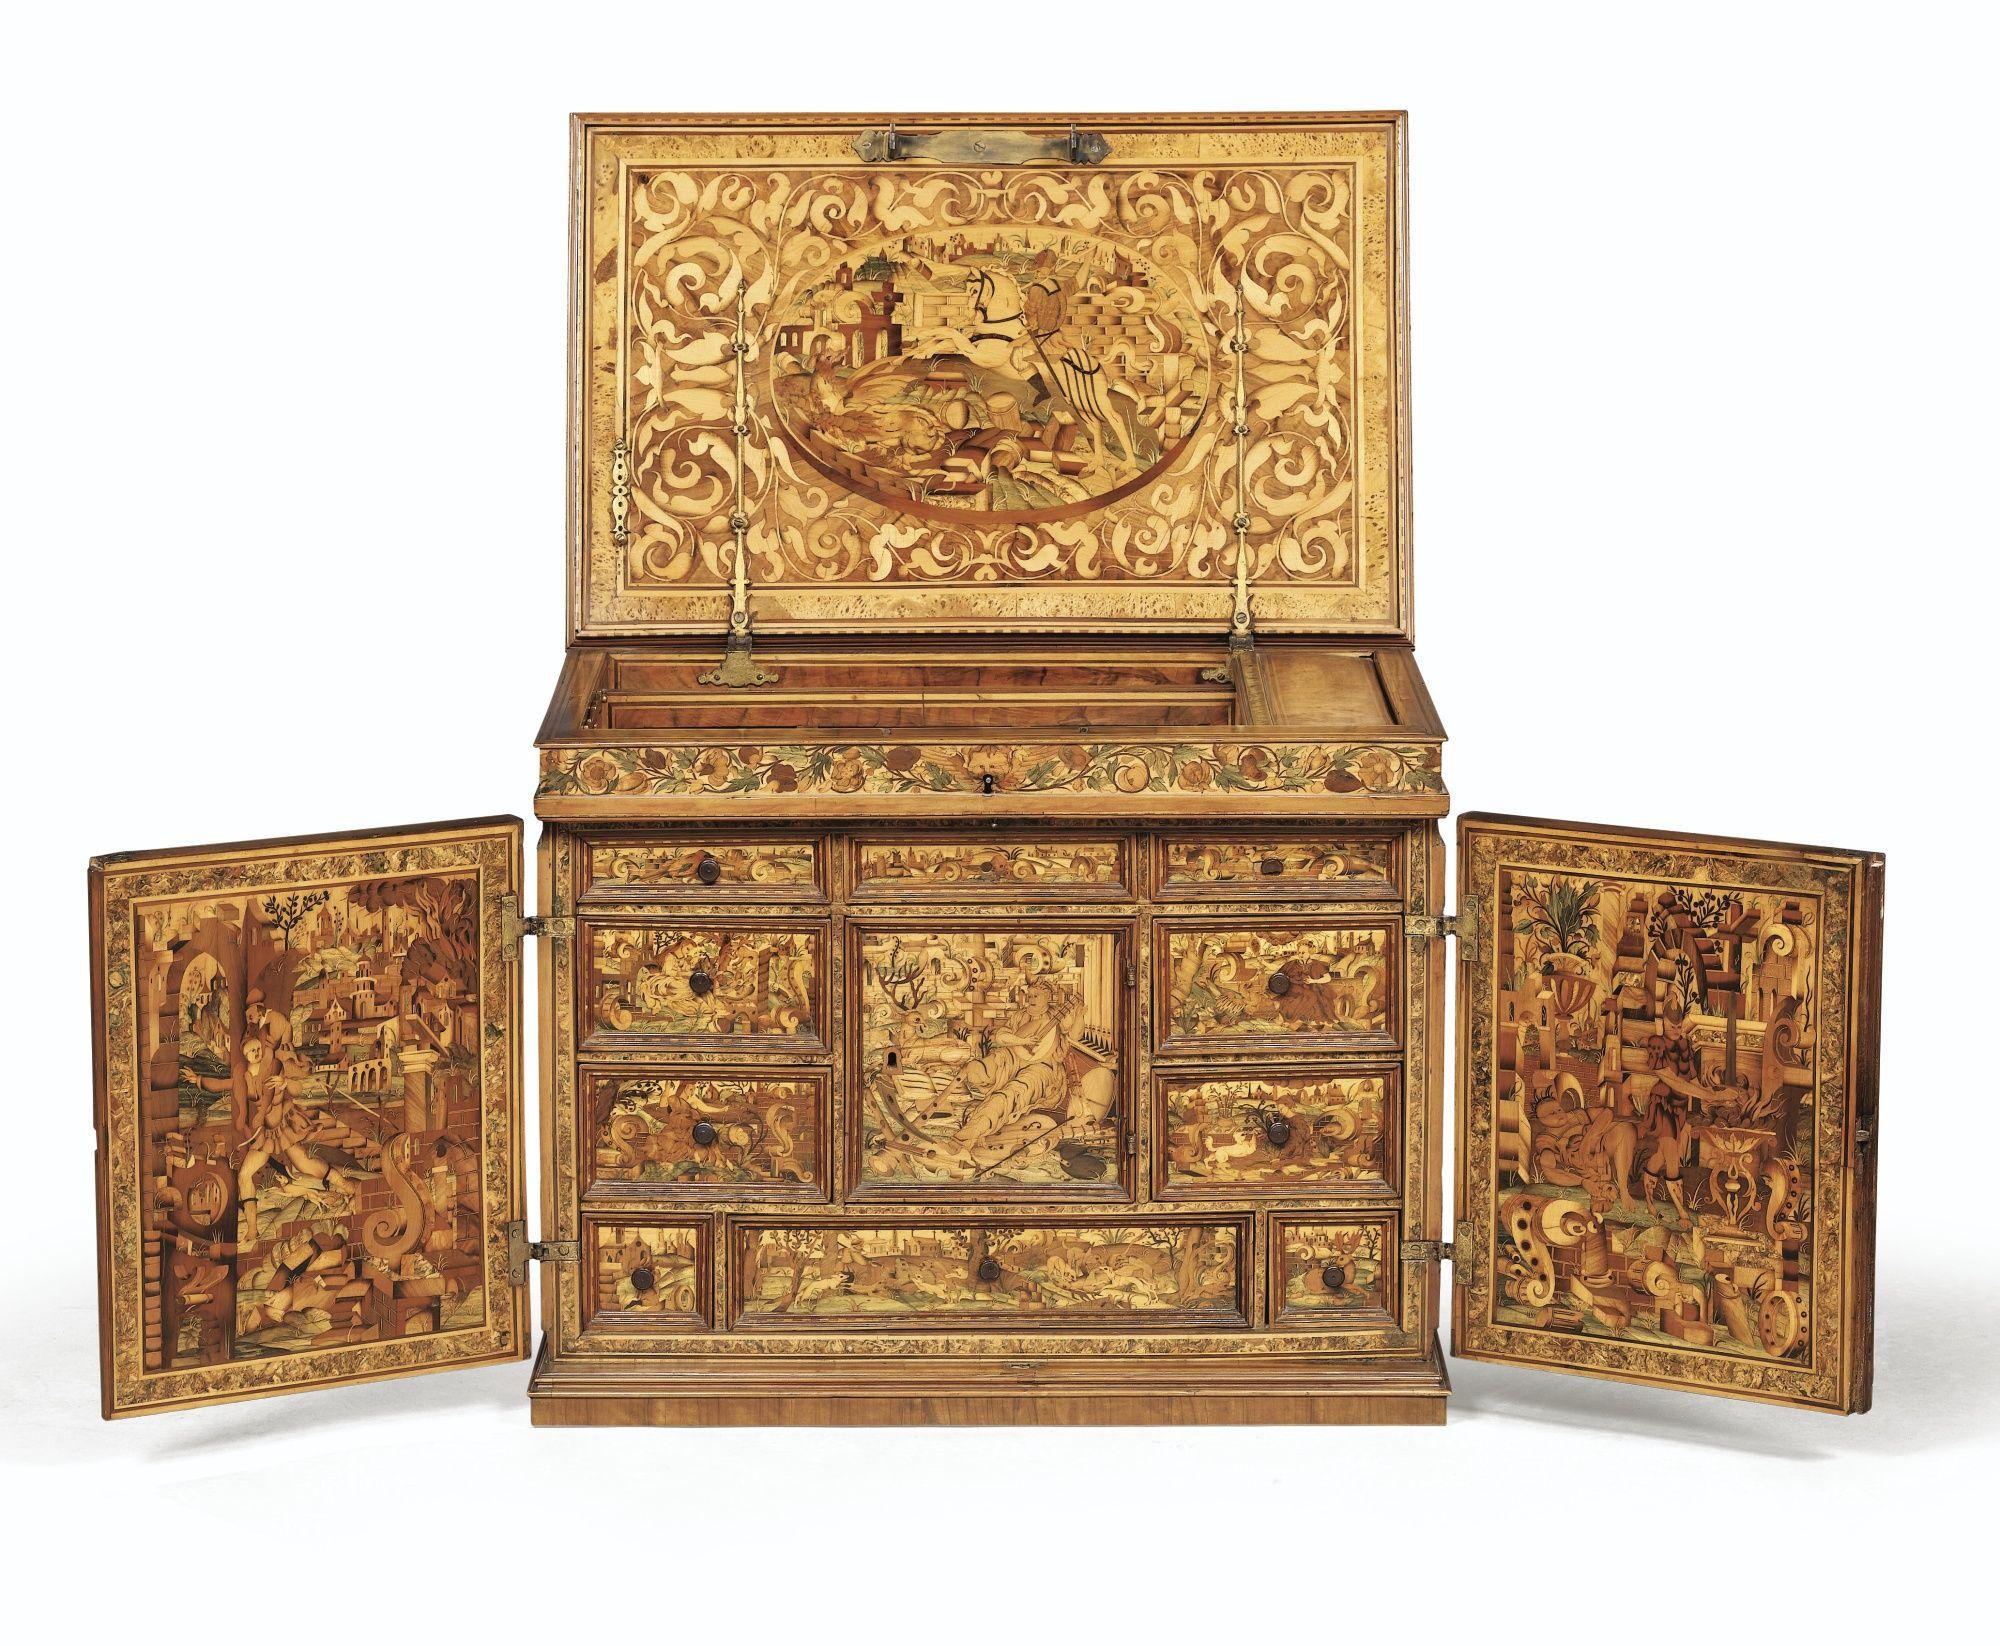 cabinet en marqueterie de bois fruitiers allemagne du sud xviie si cle lot sotheby 39 s. Black Bedroom Furniture Sets. Home Design Ideas